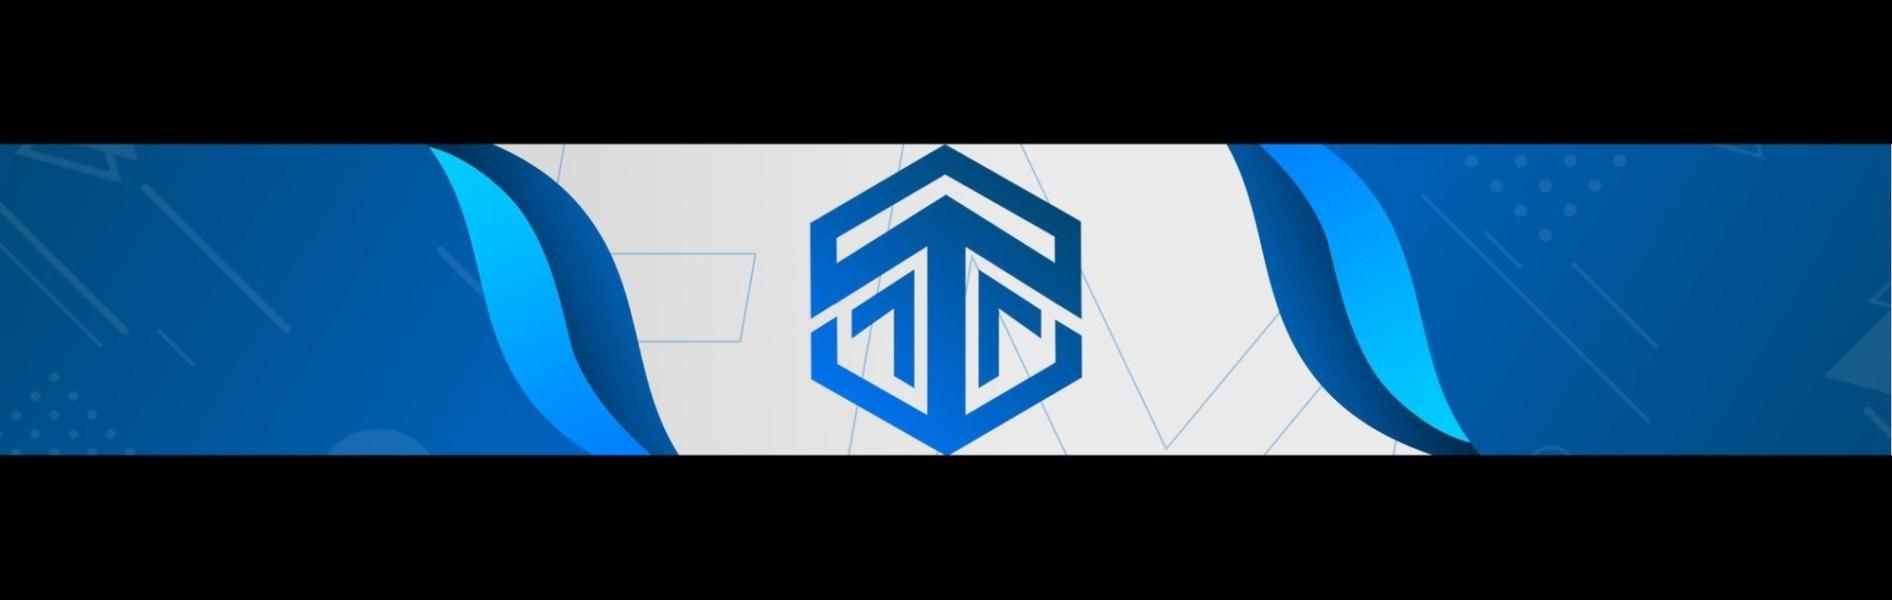 TempNation Banner